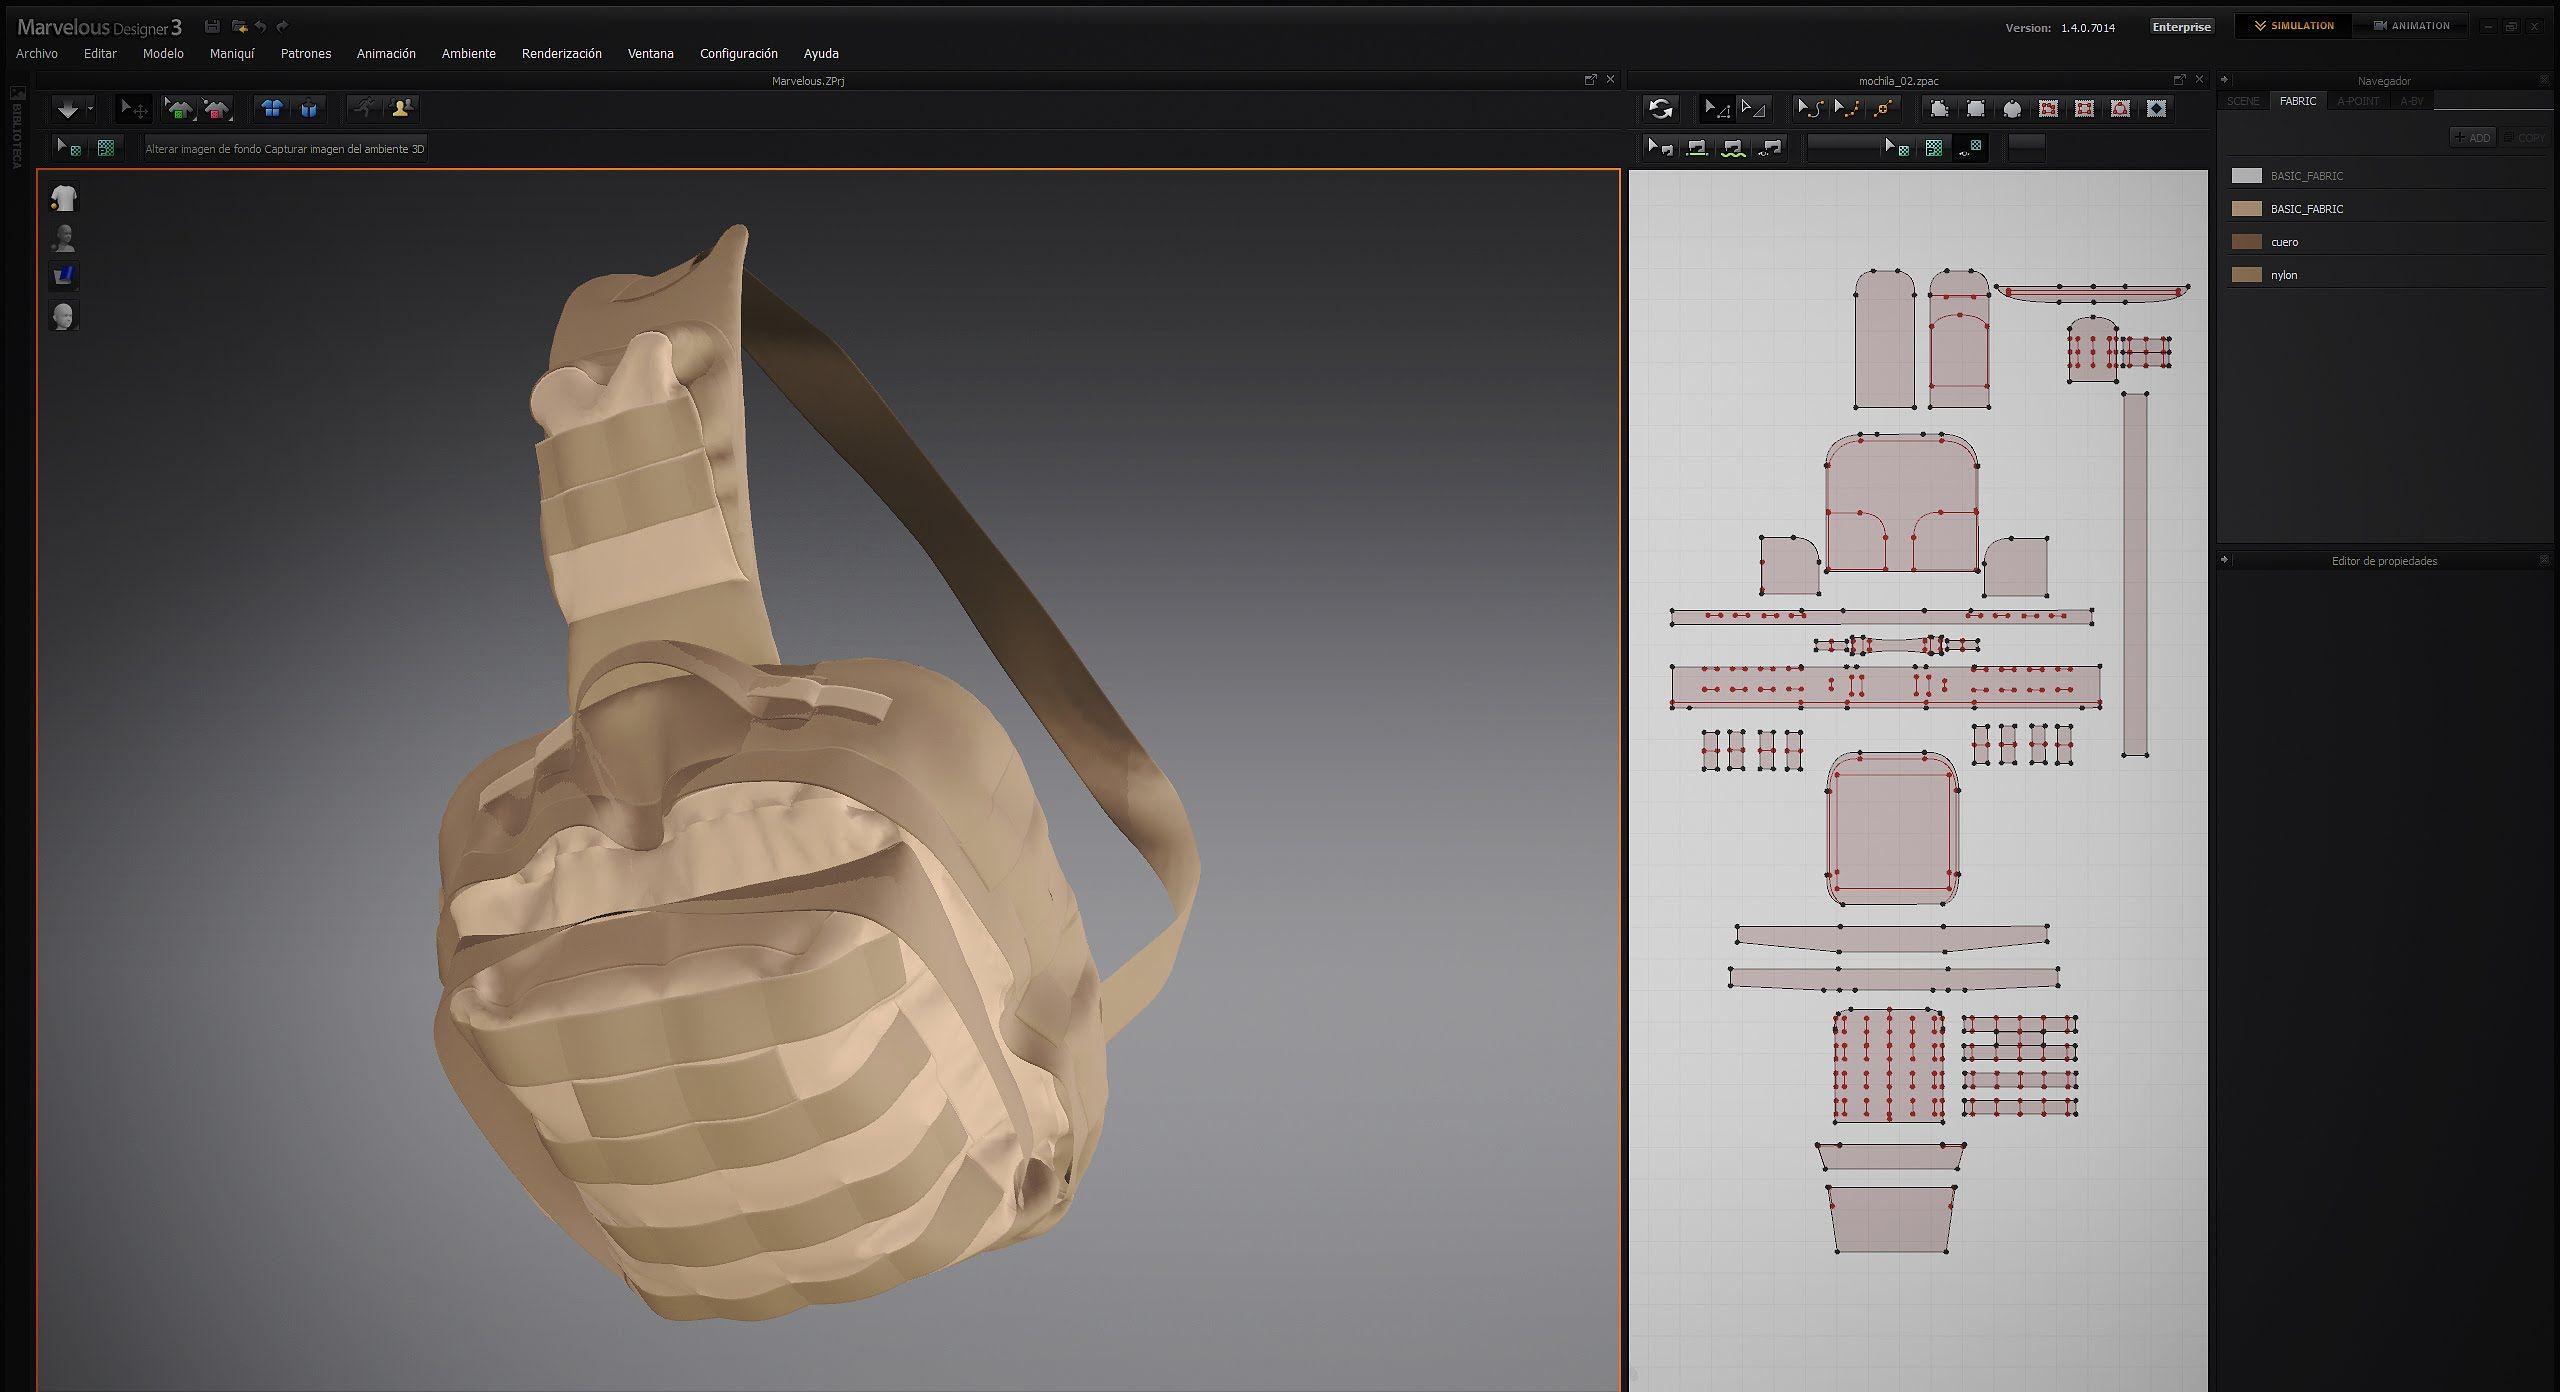 Mochila - backpack, Marvelous Designer